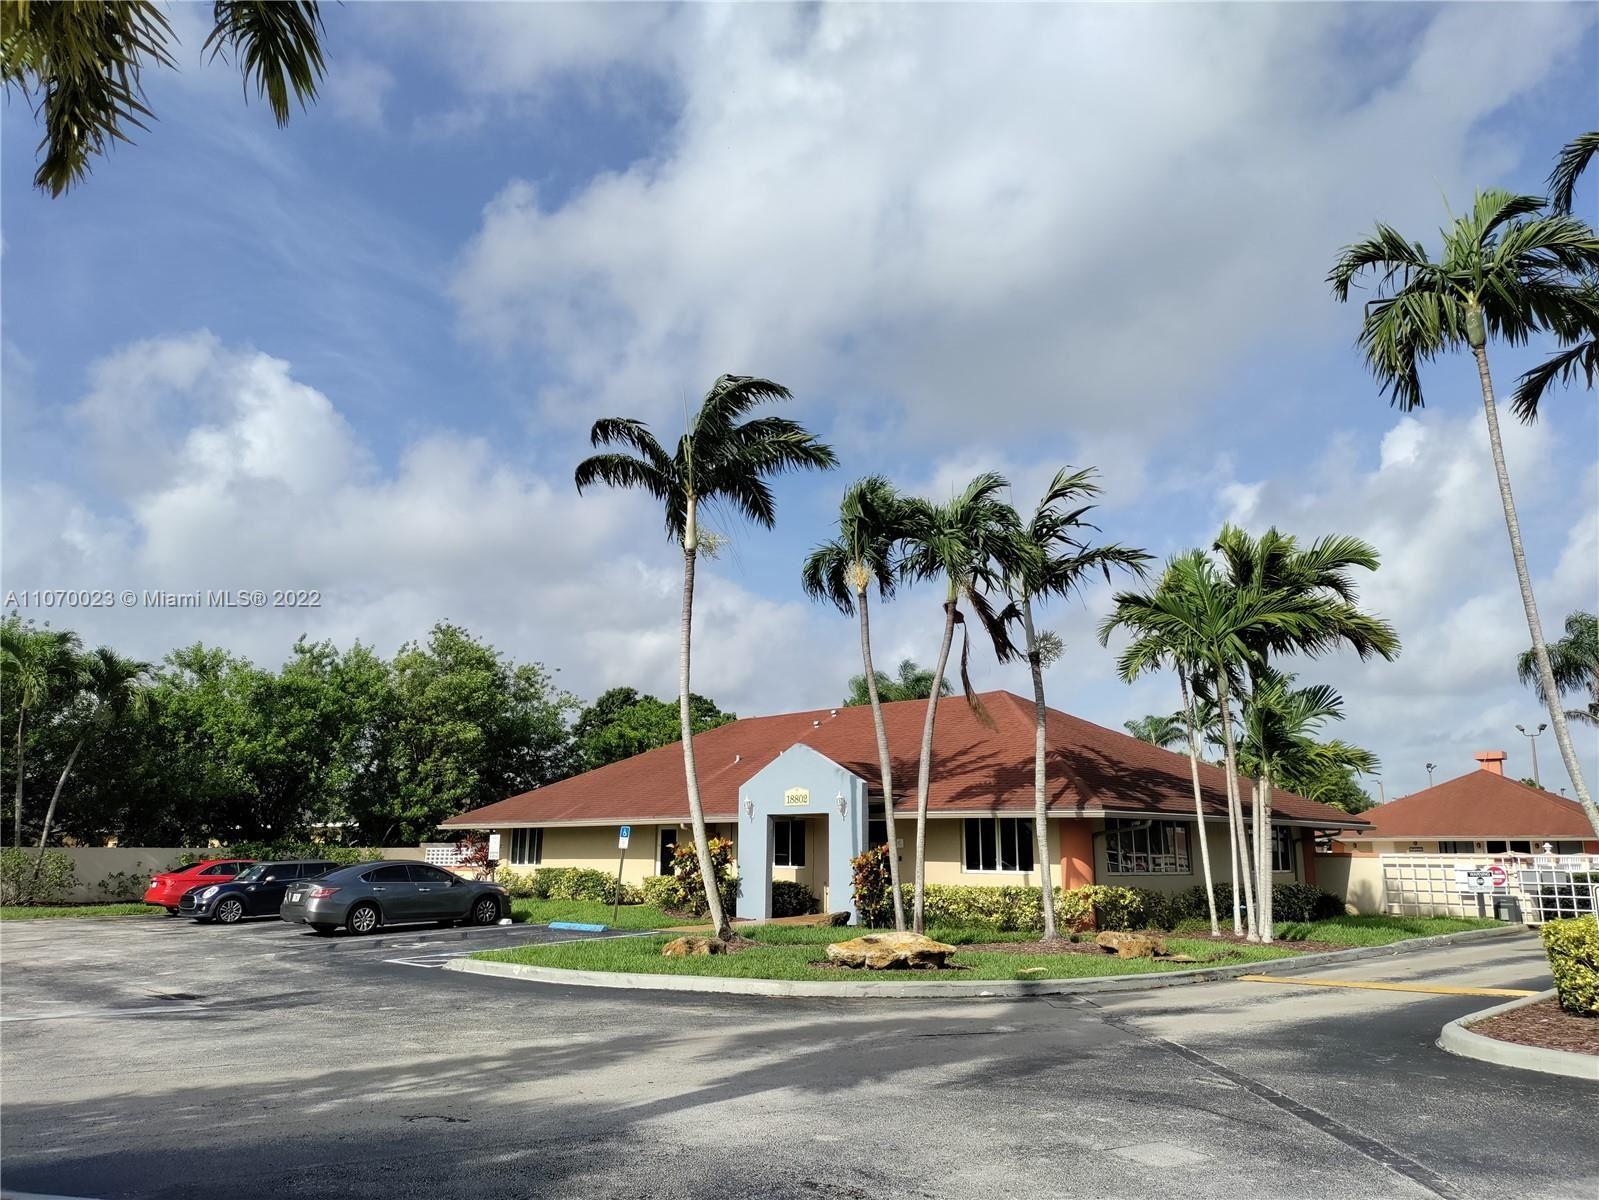 18850 NW 57th Ave #304, Hialeah, FL 33015 - #: A11070023